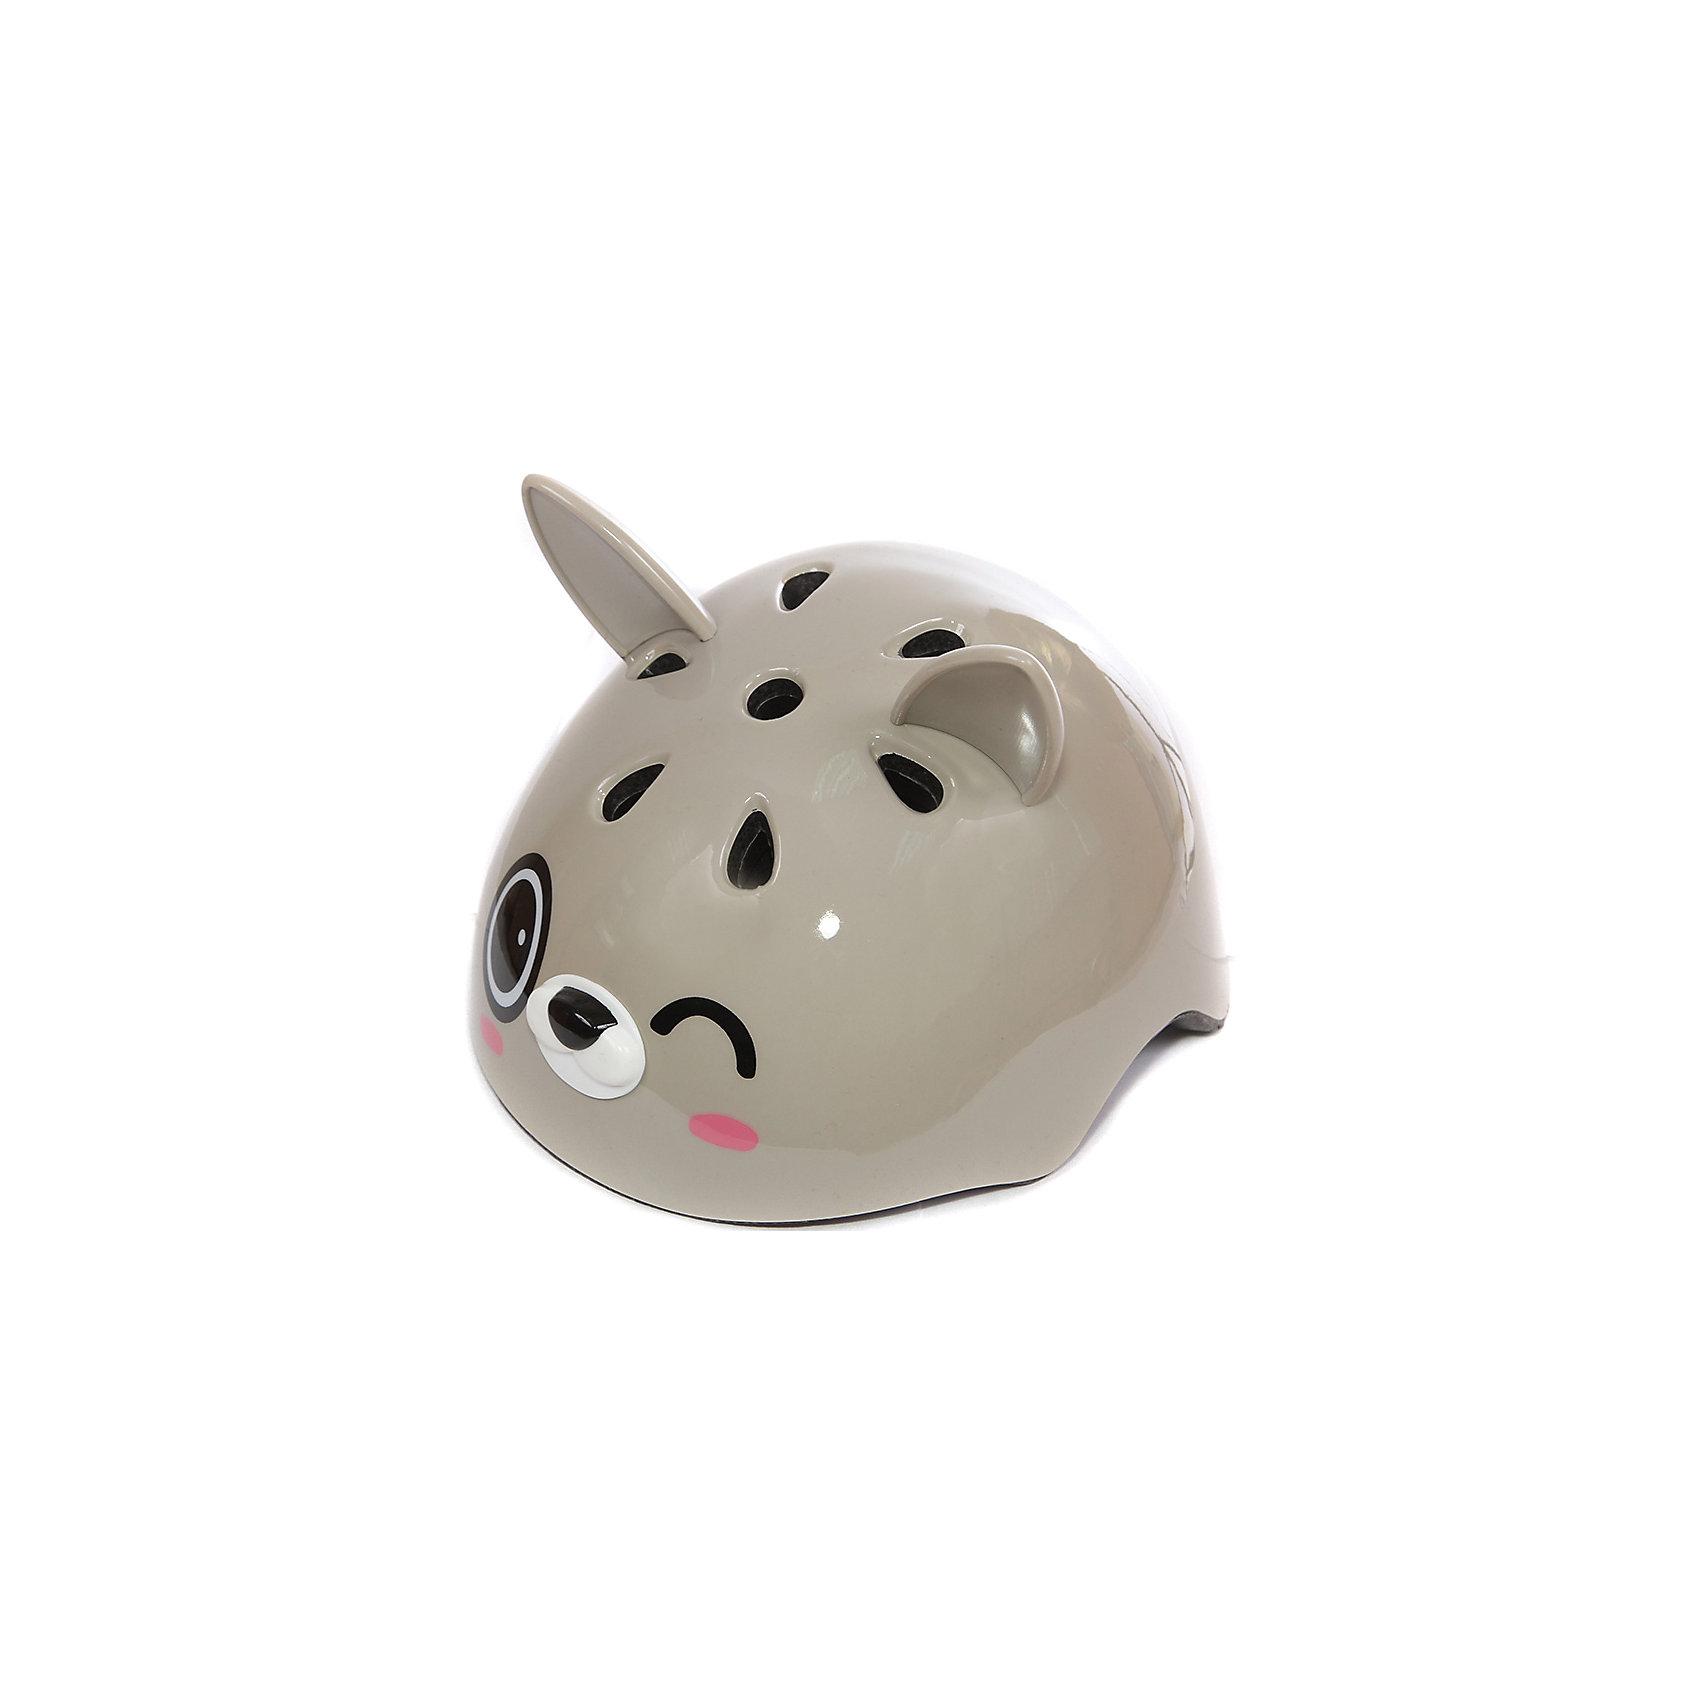 - Шлем Зайка Банни, серый, REXCO купить шлем летчика в минске